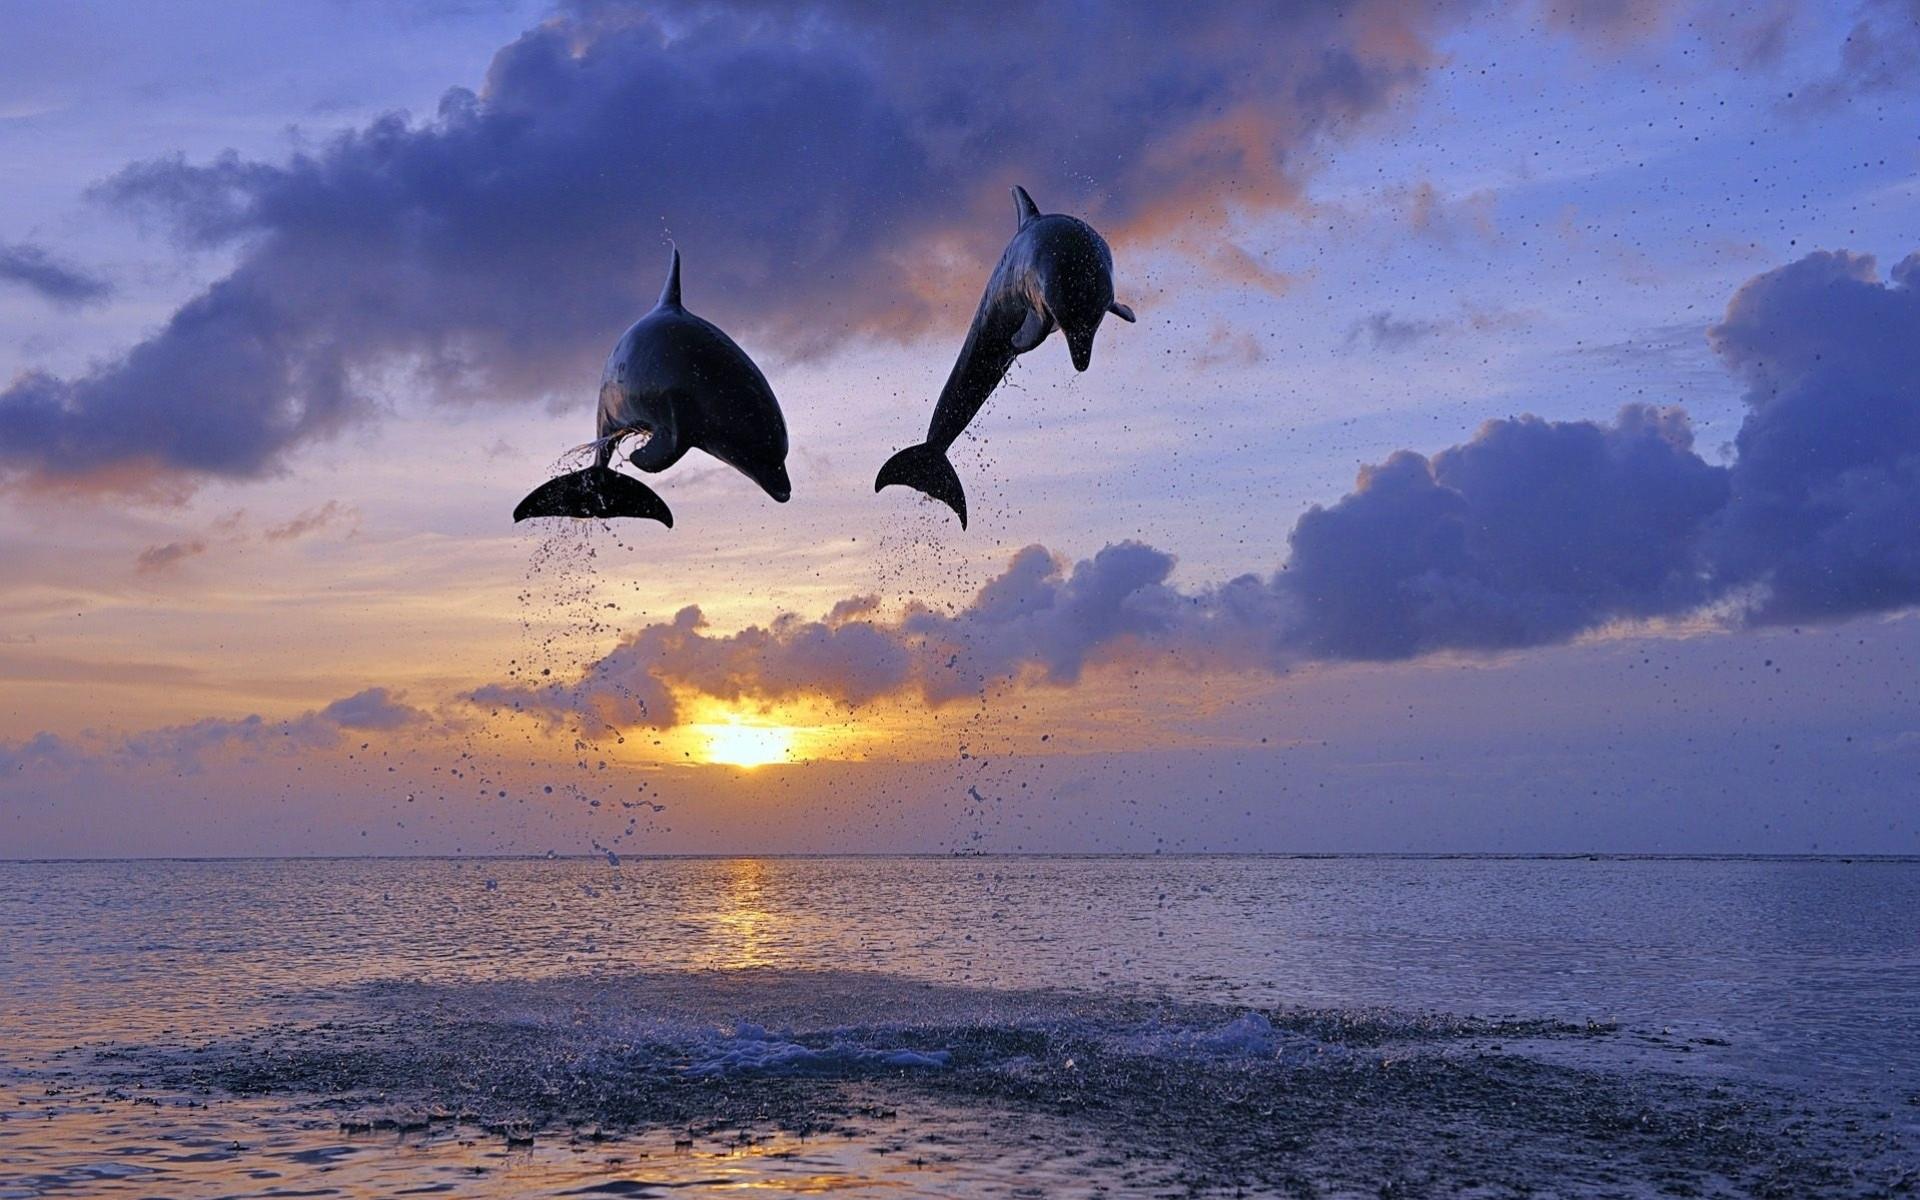 Дельфин обои на рабочий стол высокого качества 7